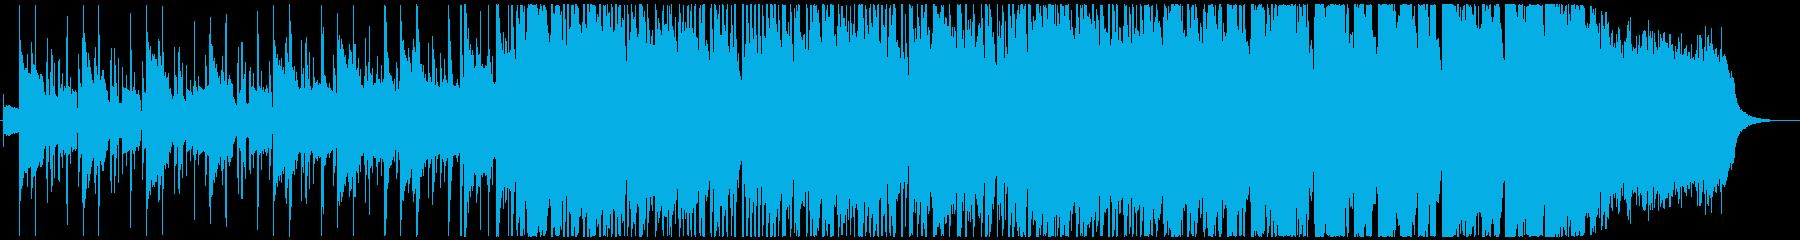 エレピとオルガンとオケのエンディングの再生済みの波形